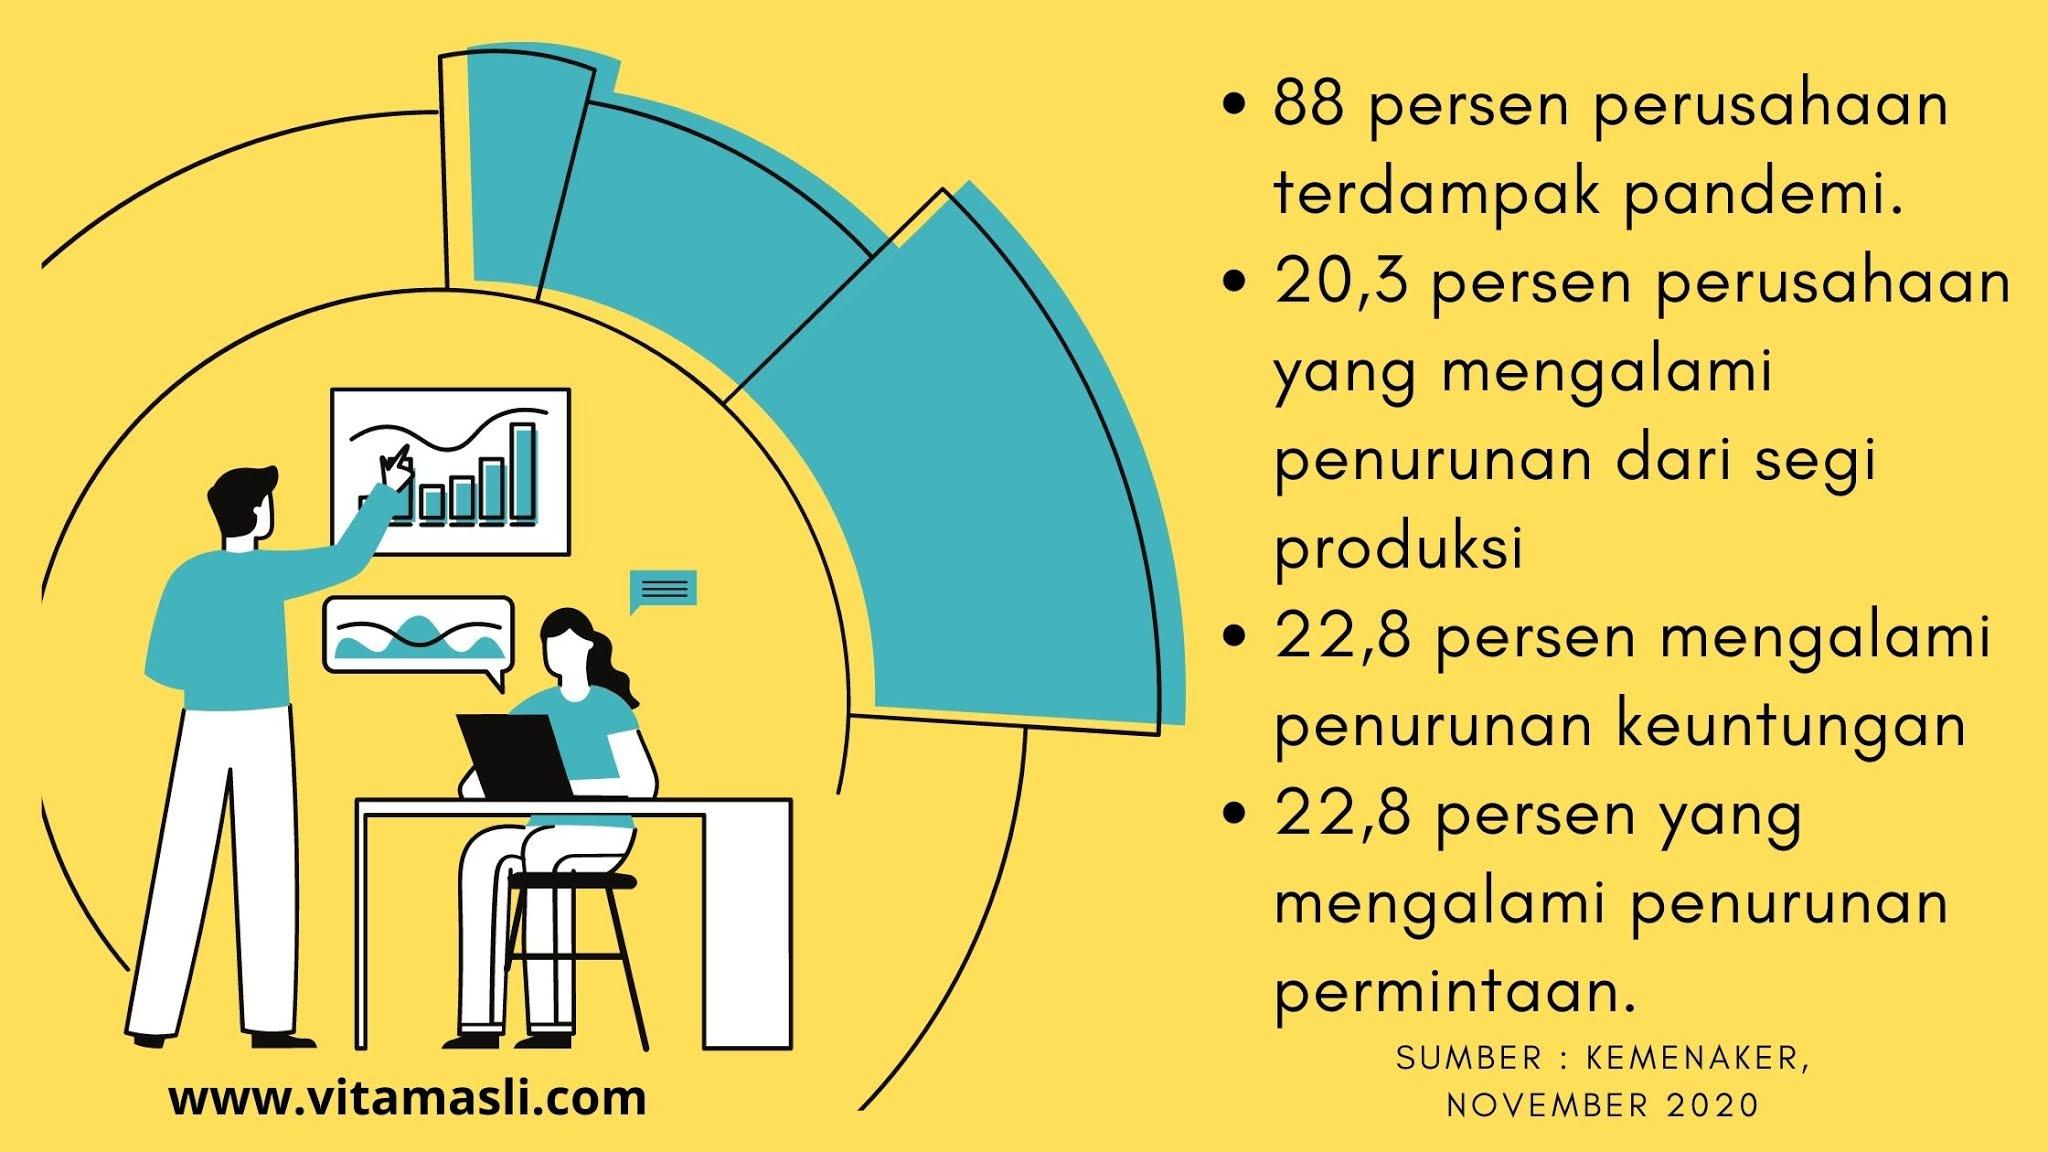 Infografis dampak pandemi terhadap bisnis di Indonesia